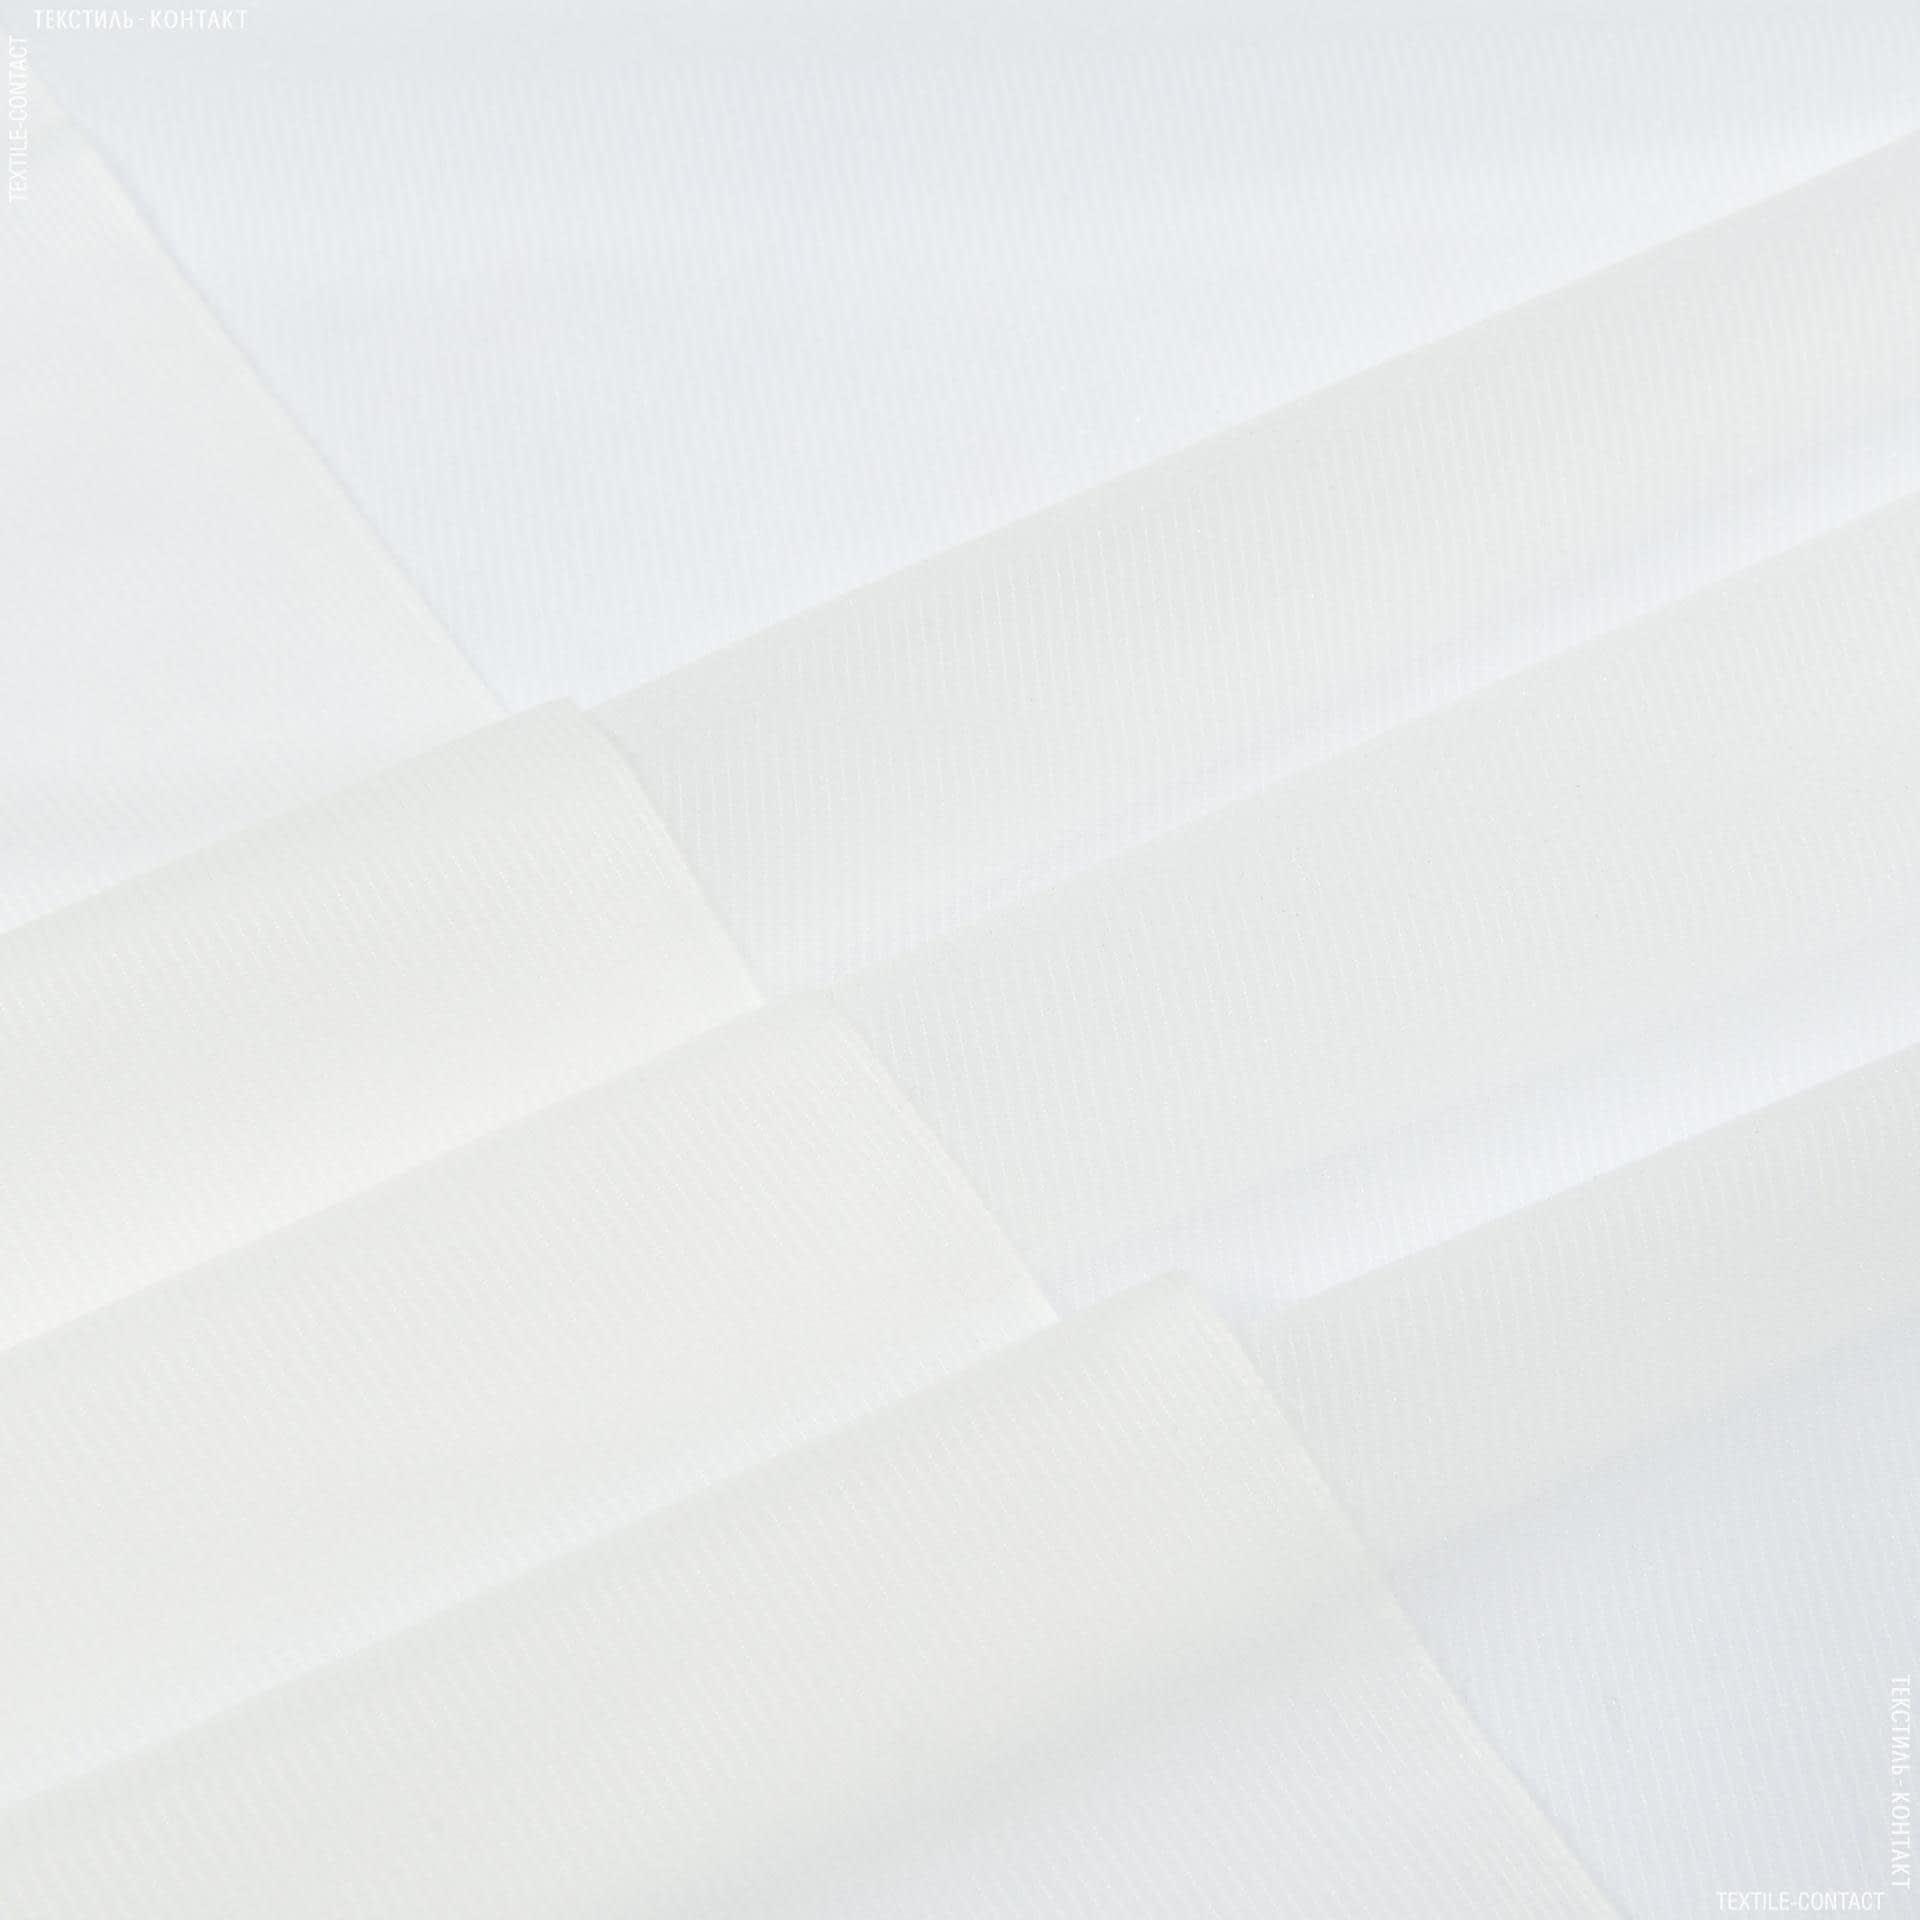 Тканини дублірин, флізелін - Дублірин еласт. білий 42г/м